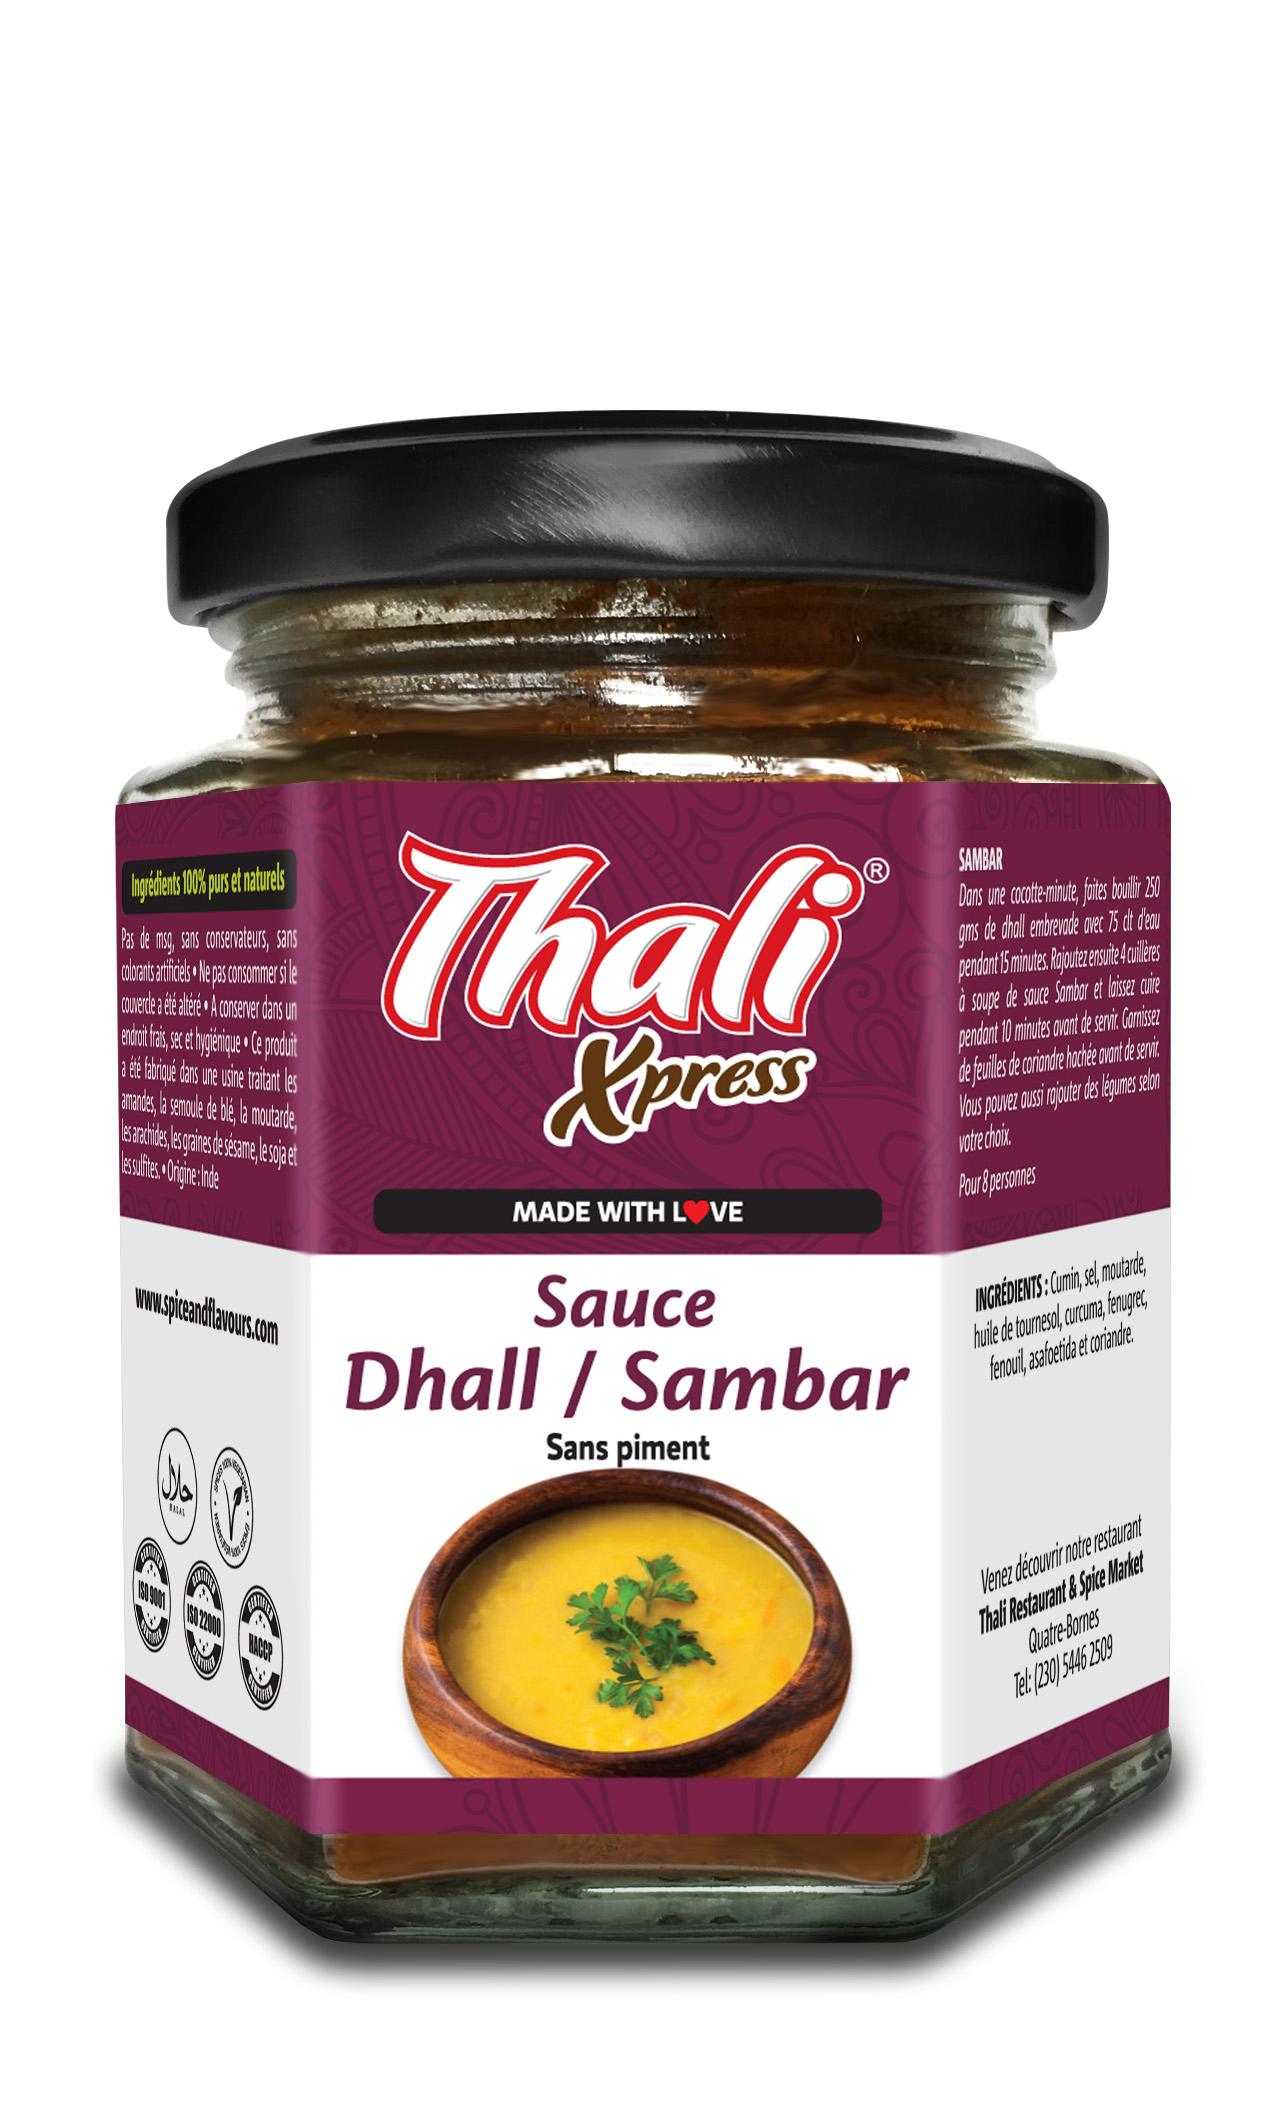 Sauce Dhall / Sambar Image